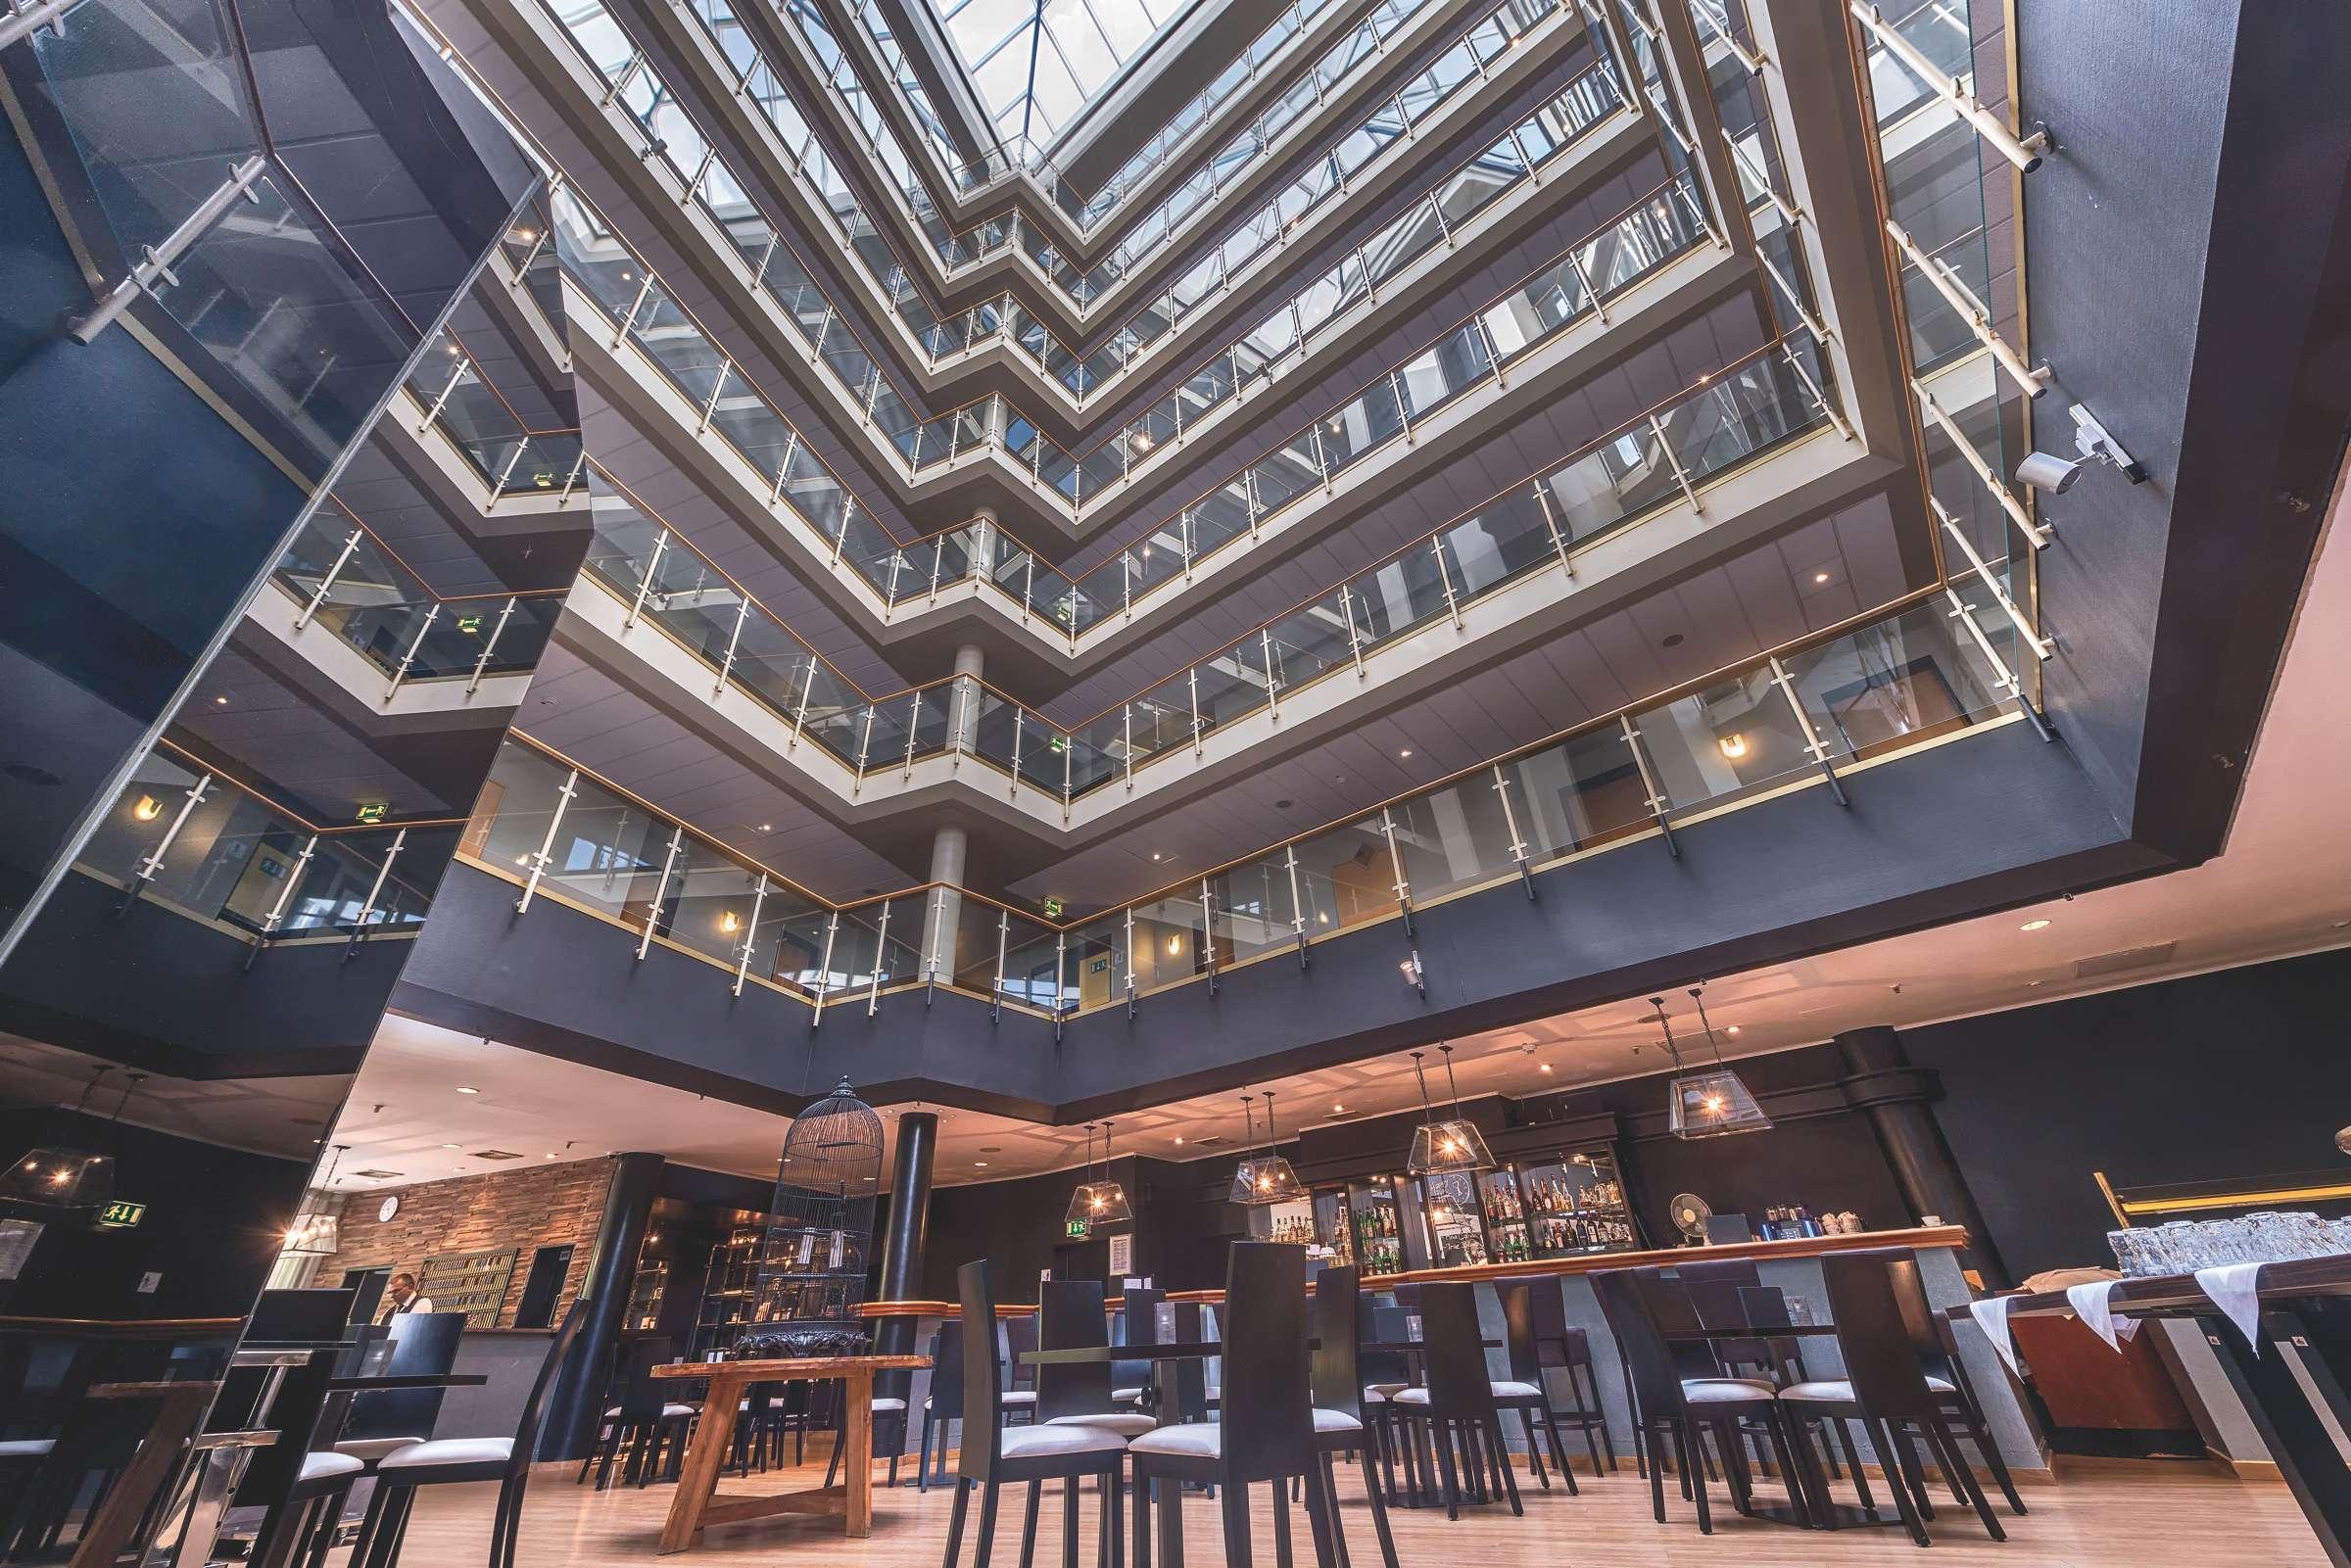 Hochzeit in niedersachsen kuchenbuchs hochzeiten for Hotel hannover design